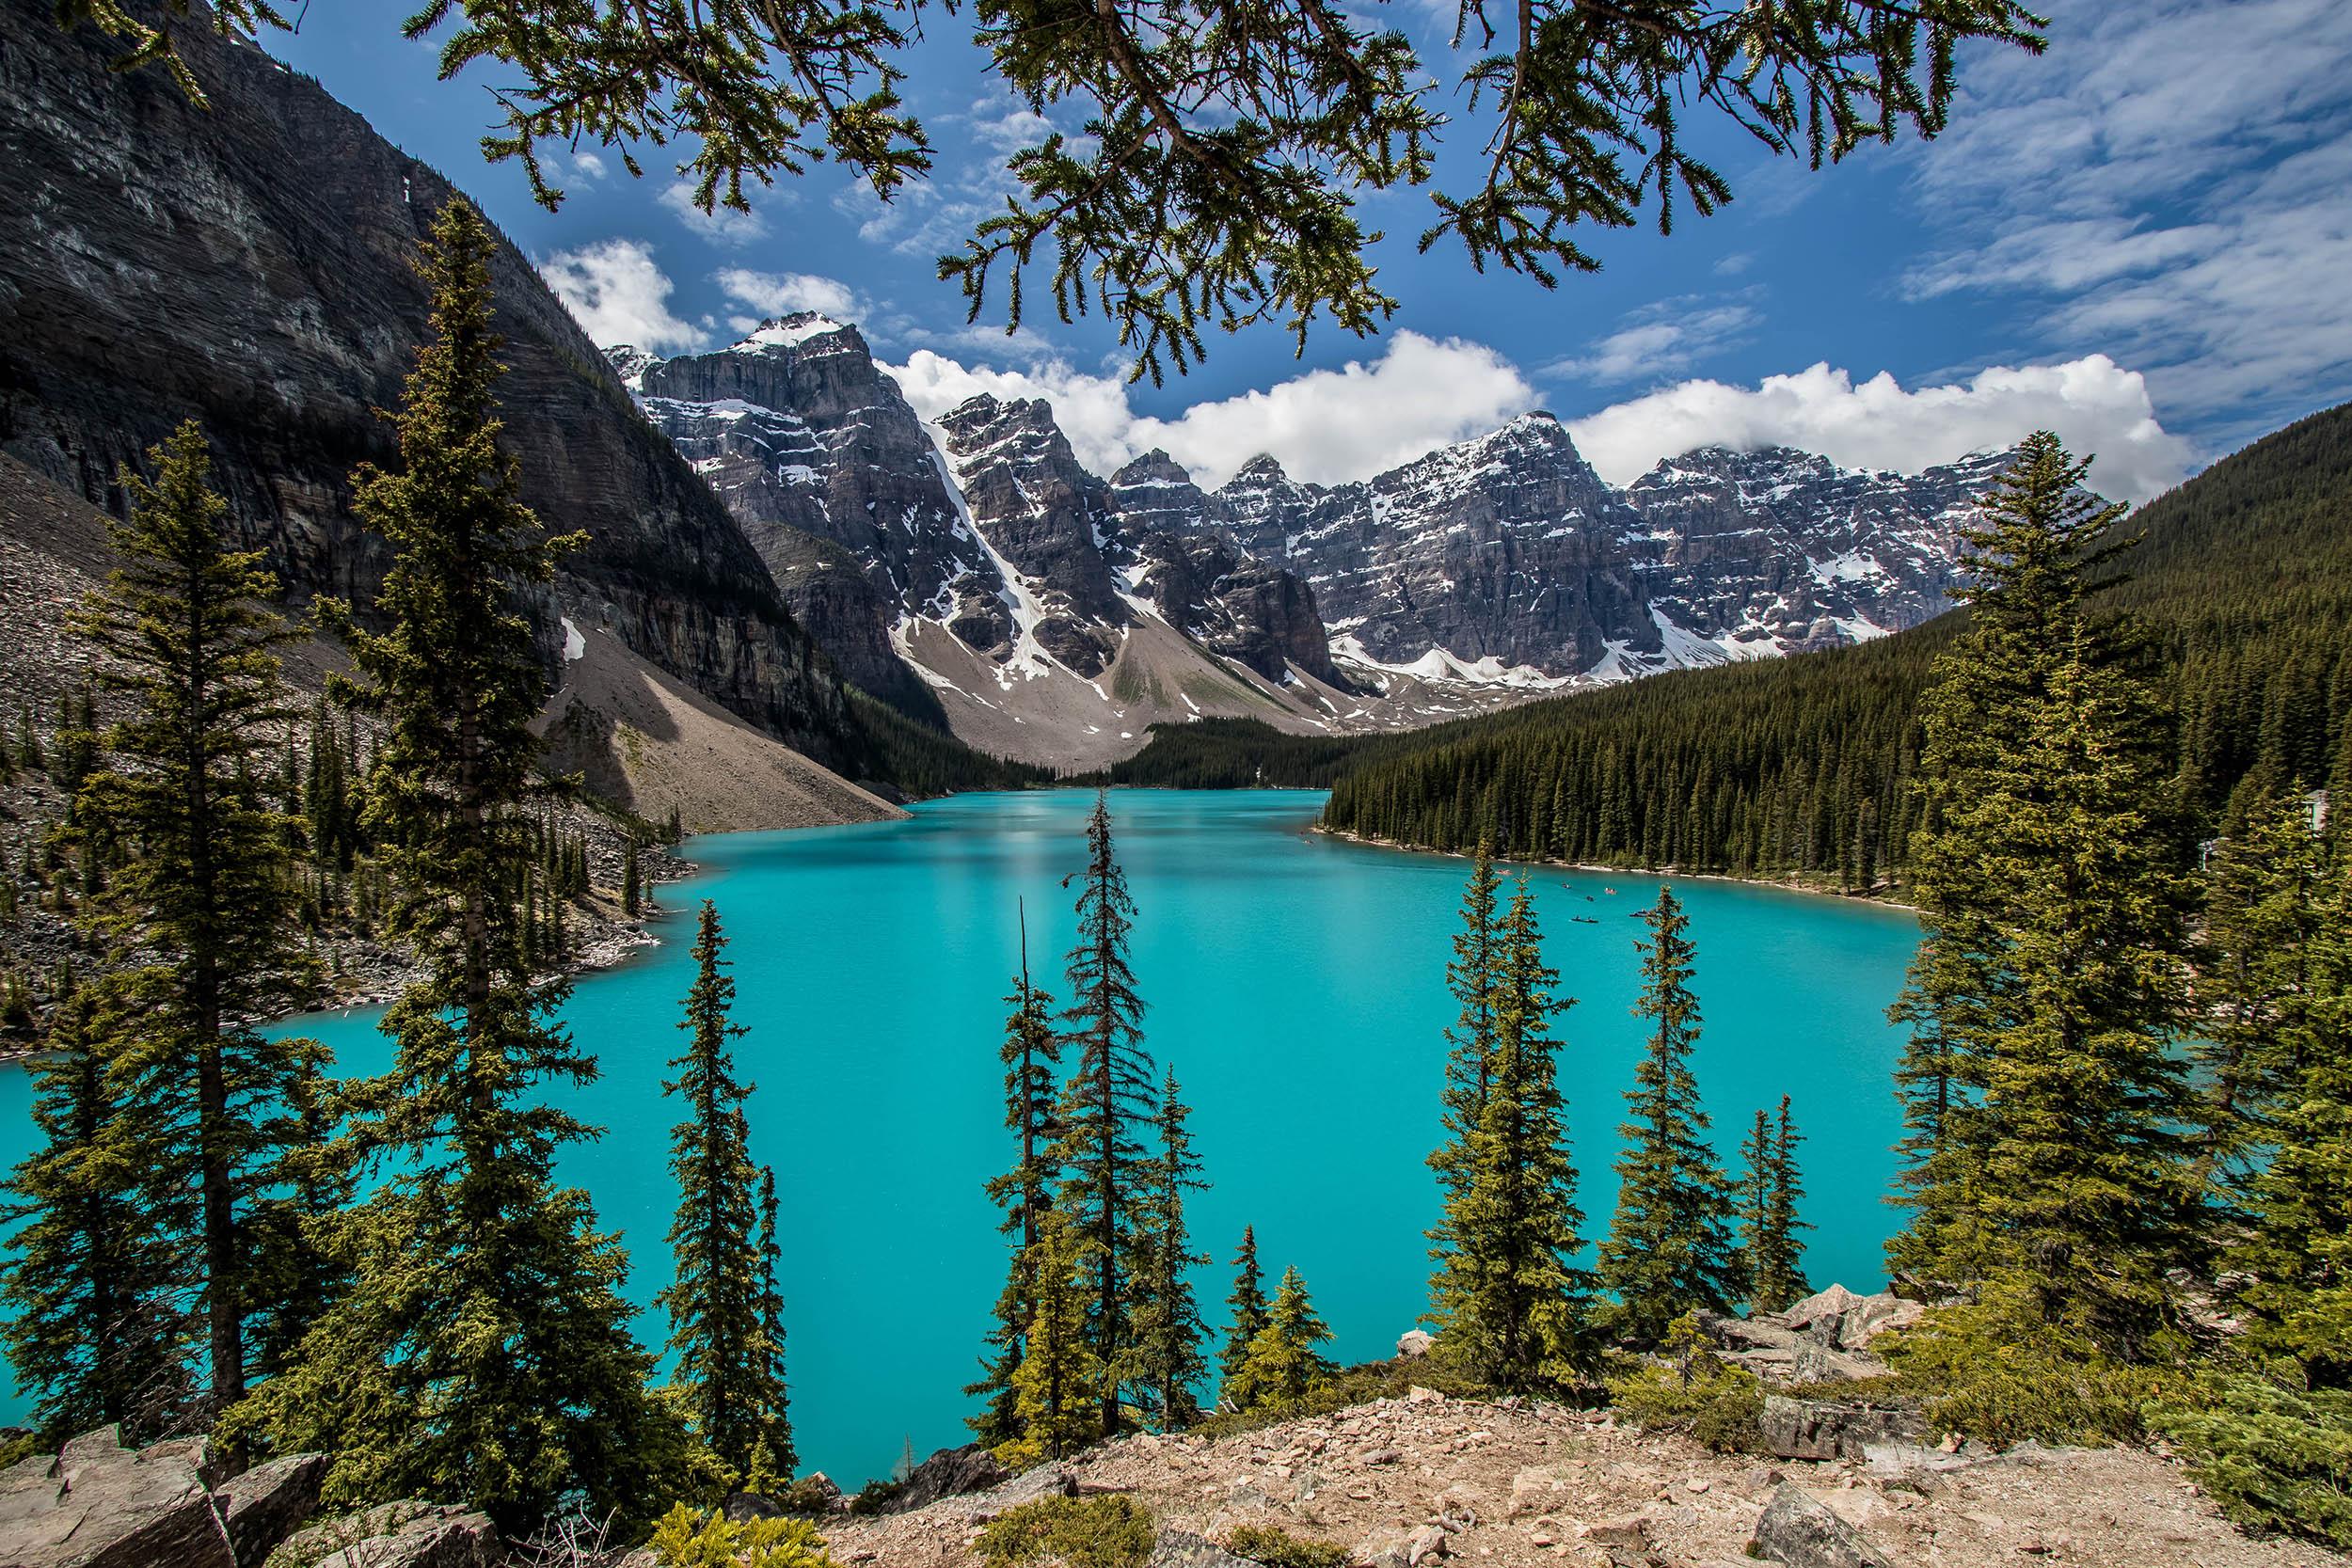 Lac Moraine - Alberta